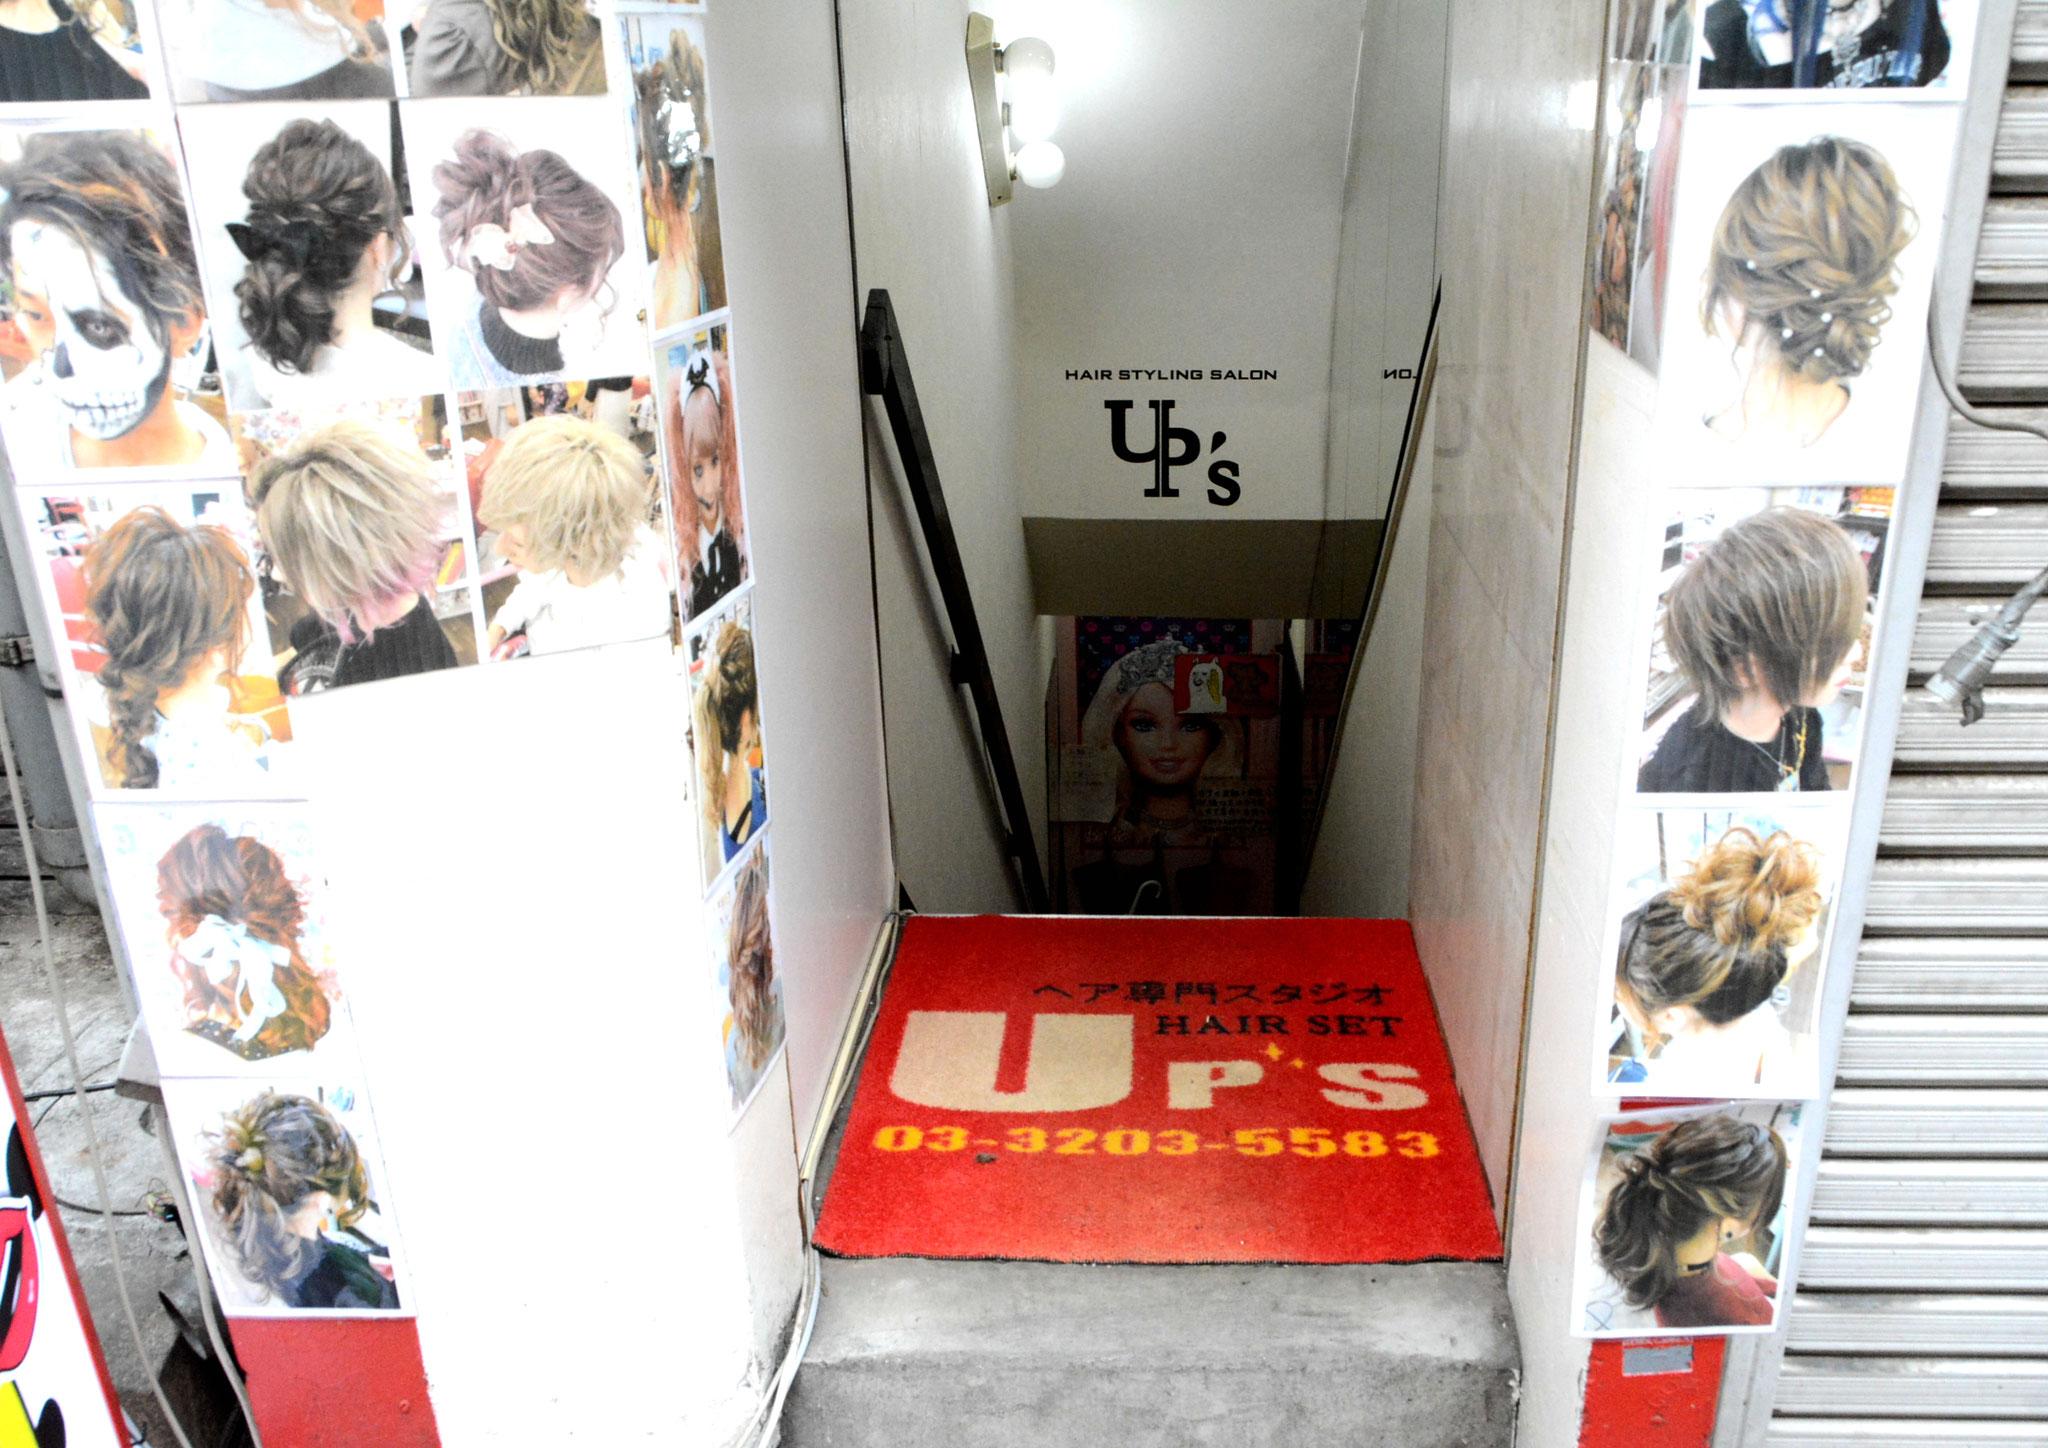 →⑧【UP's】に到着!店舗は地下1階